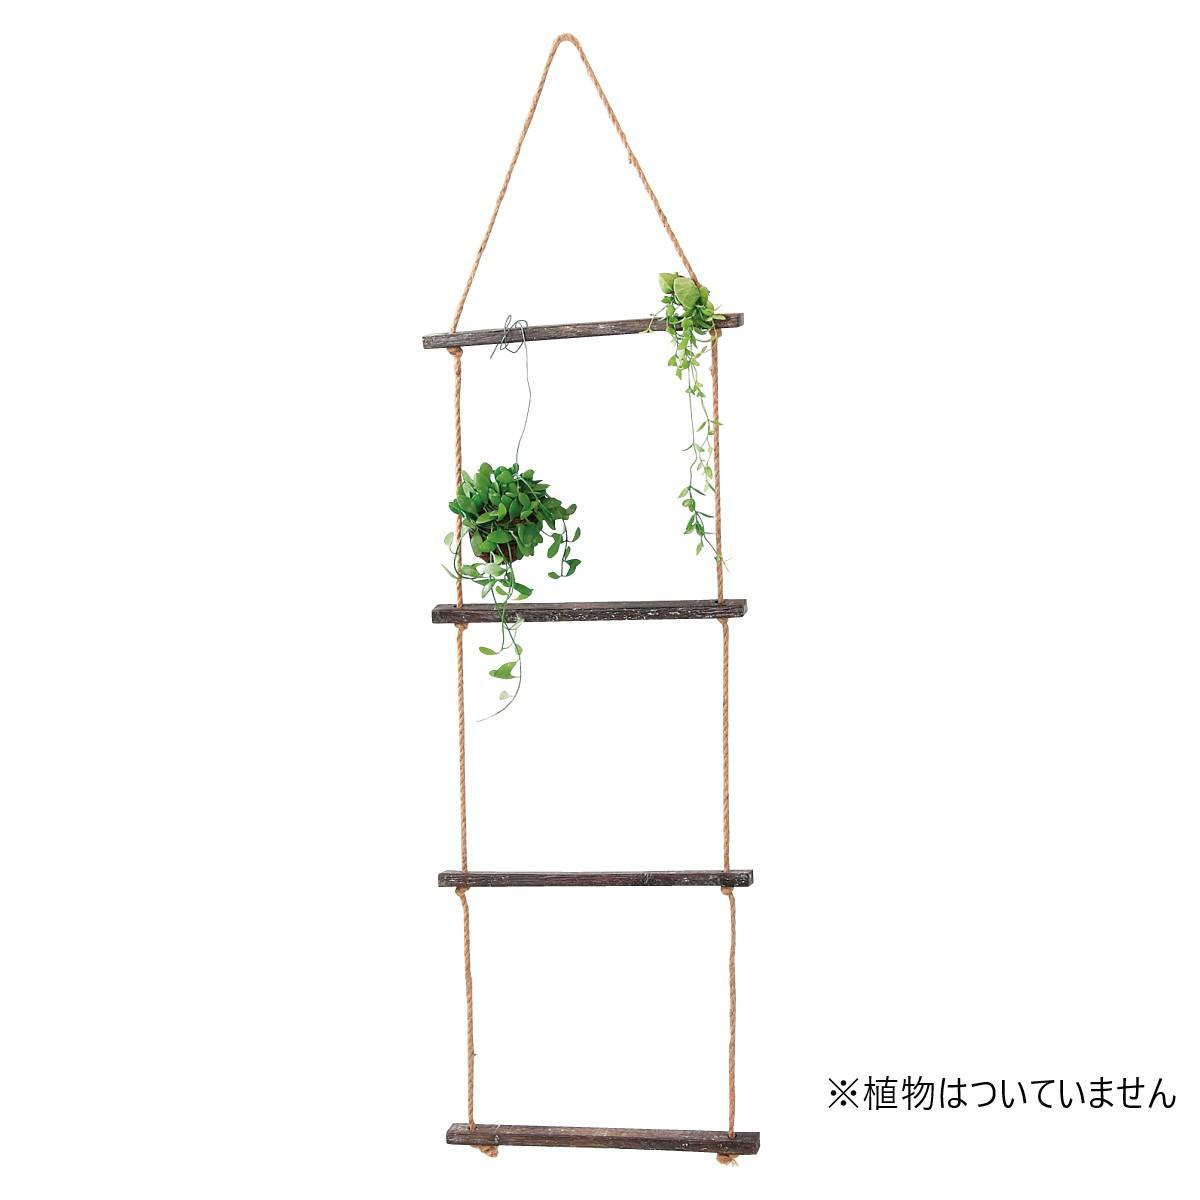 花ごころDo!/ビンテージ ロープラダー/63689【01】【取寄】[4個]